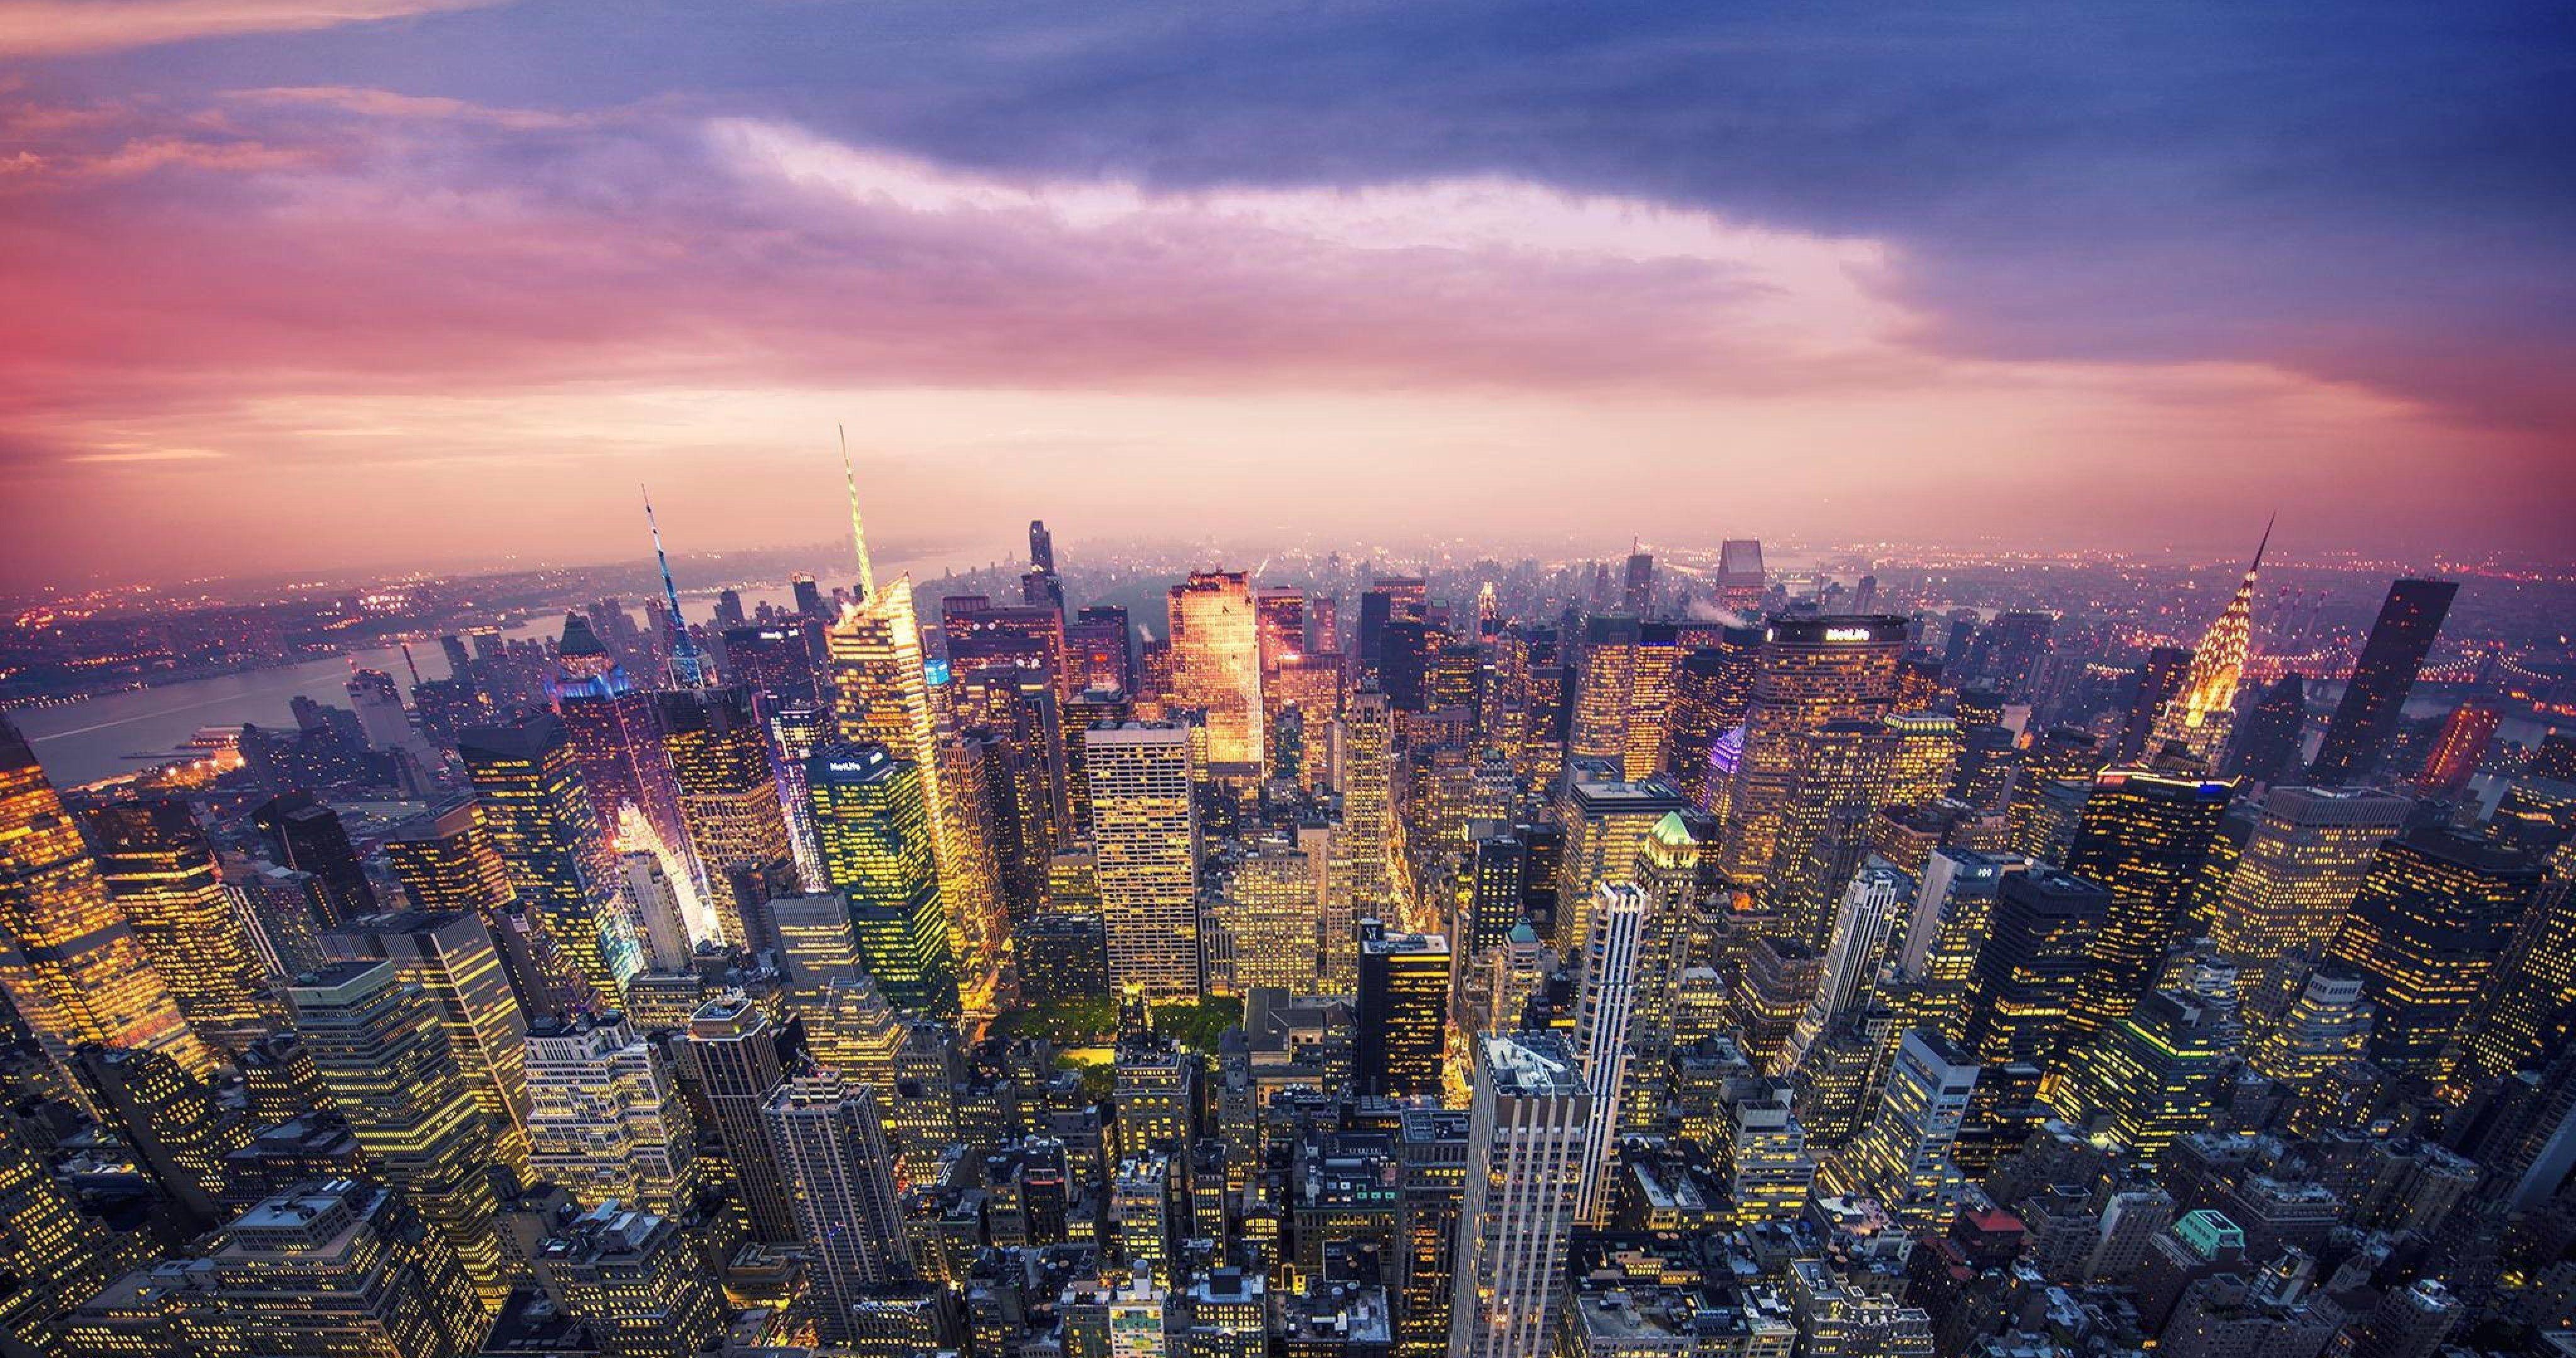 4k New York Wallpaper Wallbestpoemviewco